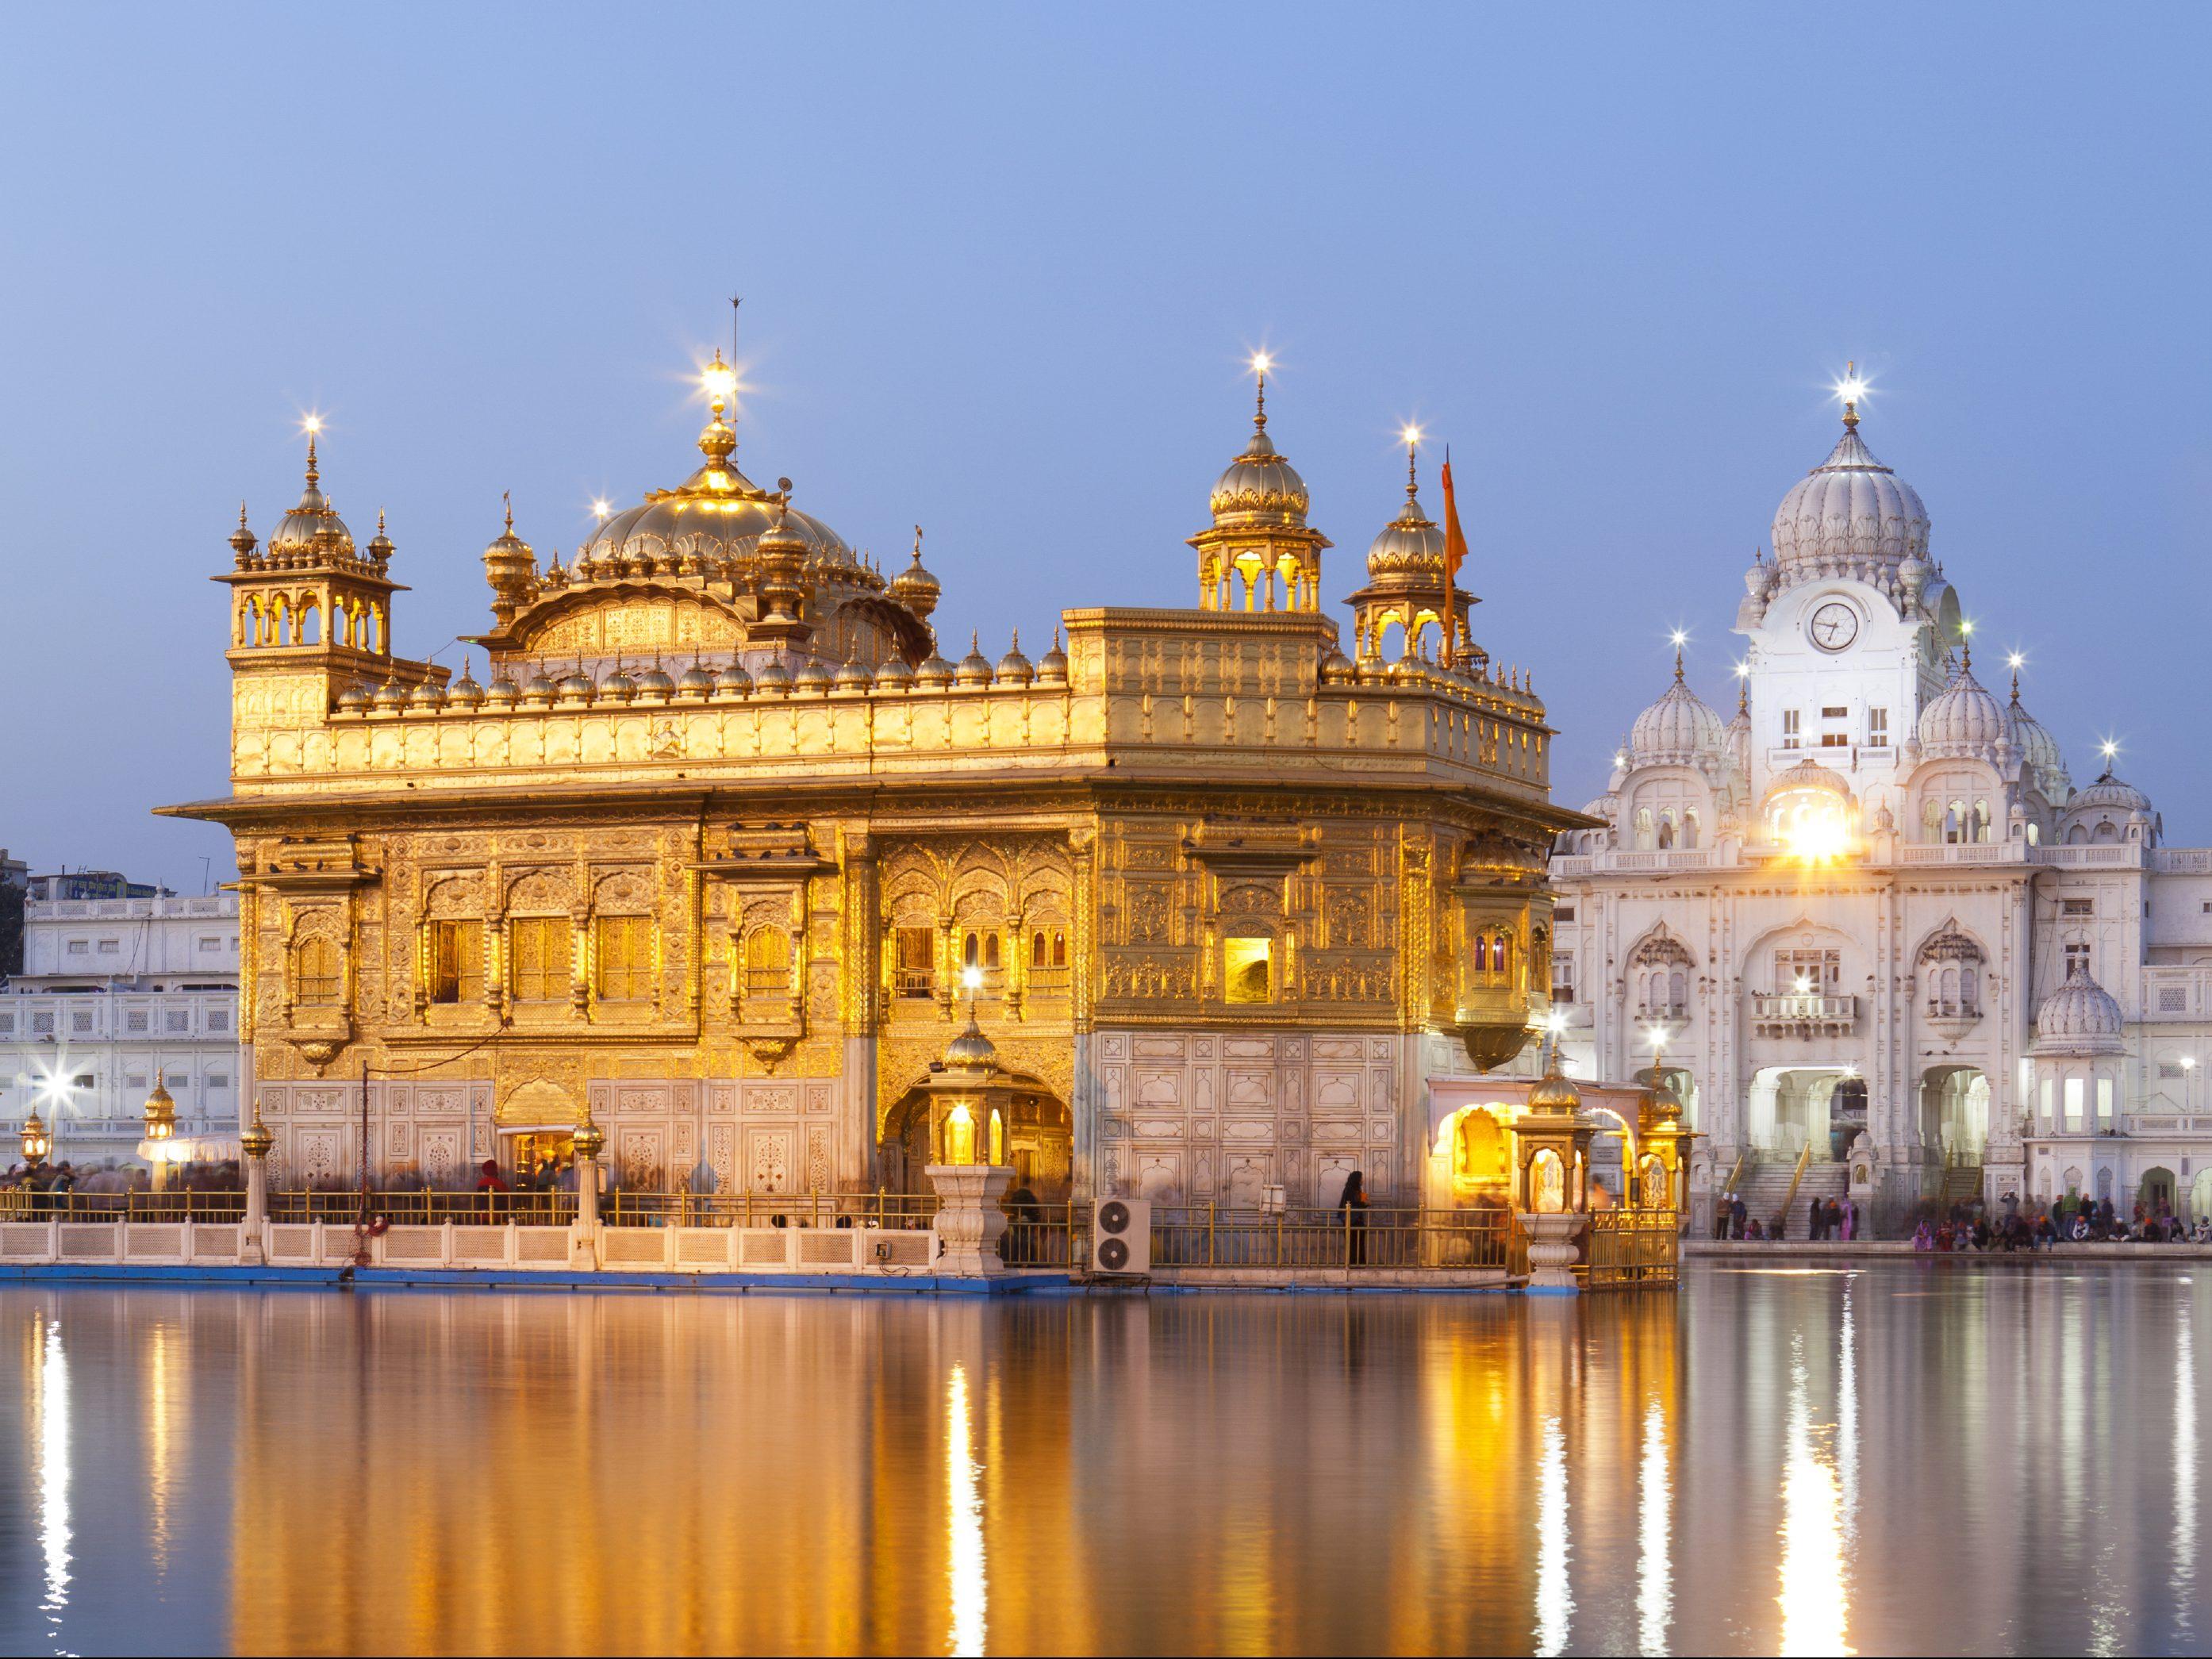 фото индия золотой дворец двери классическом стиле